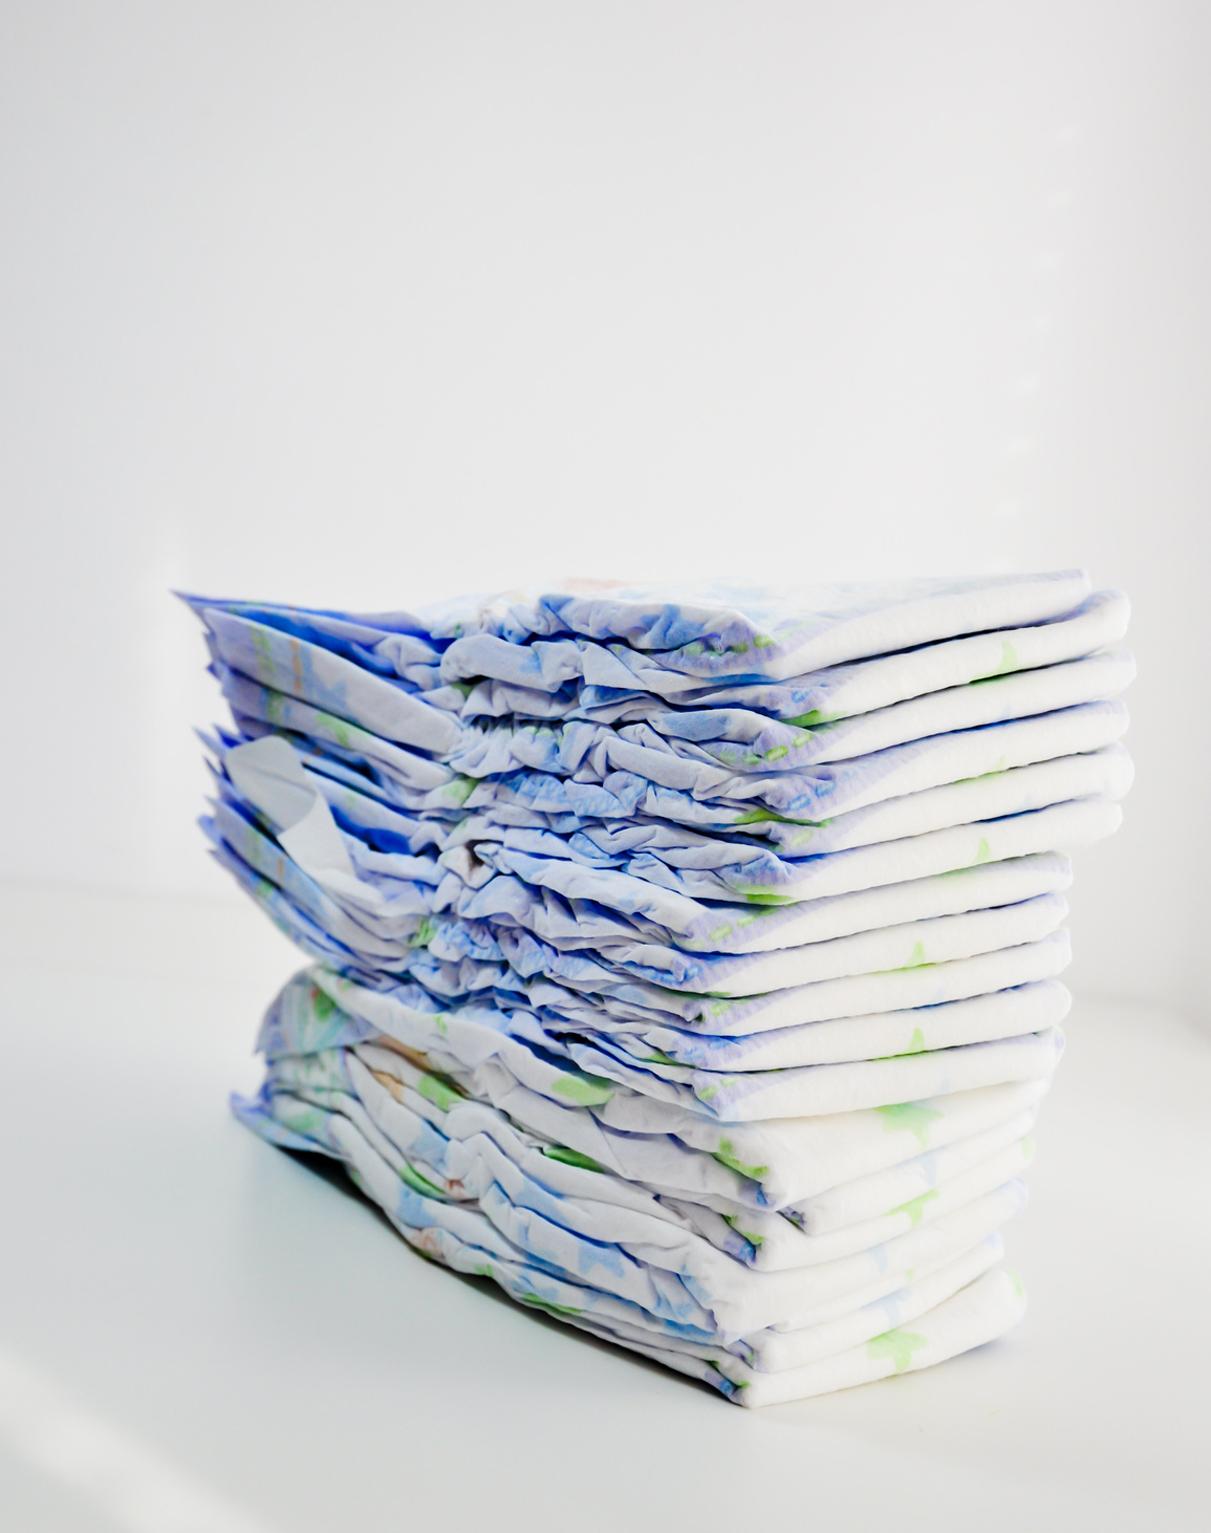 Polyesterová vlákna TESIL v dětských plenách a produktech osobní péče